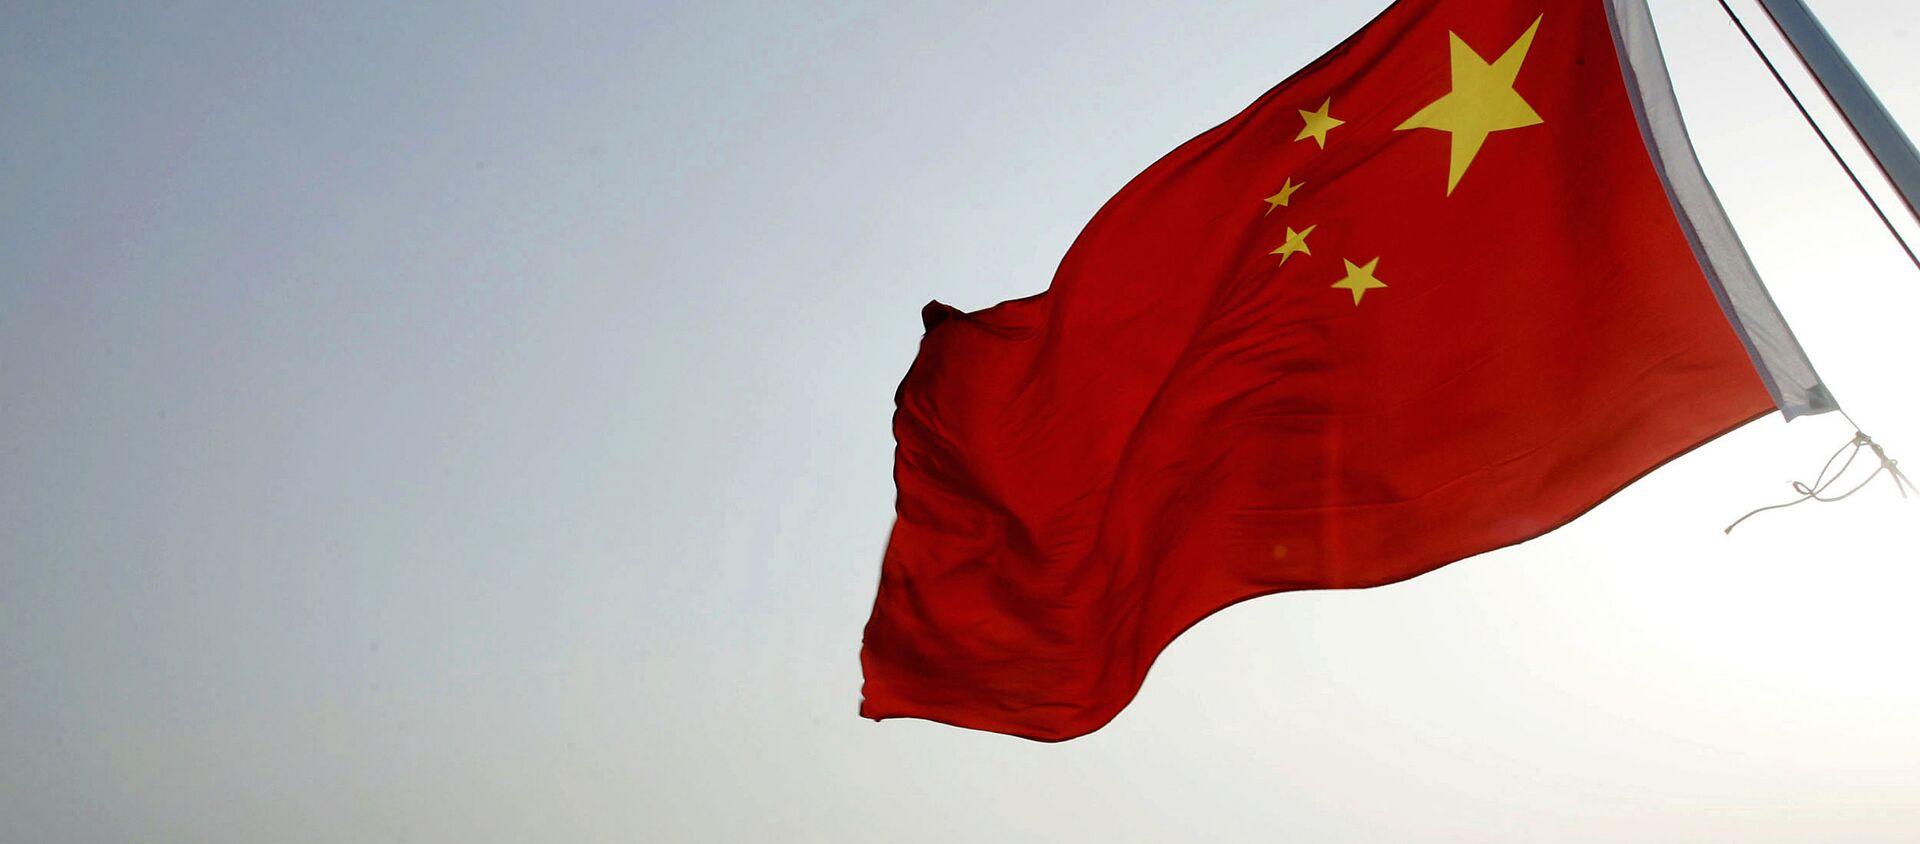 Chińska flaga w porcie Zhoushan  - Sputnik Polska, 1920, 01.03.2021